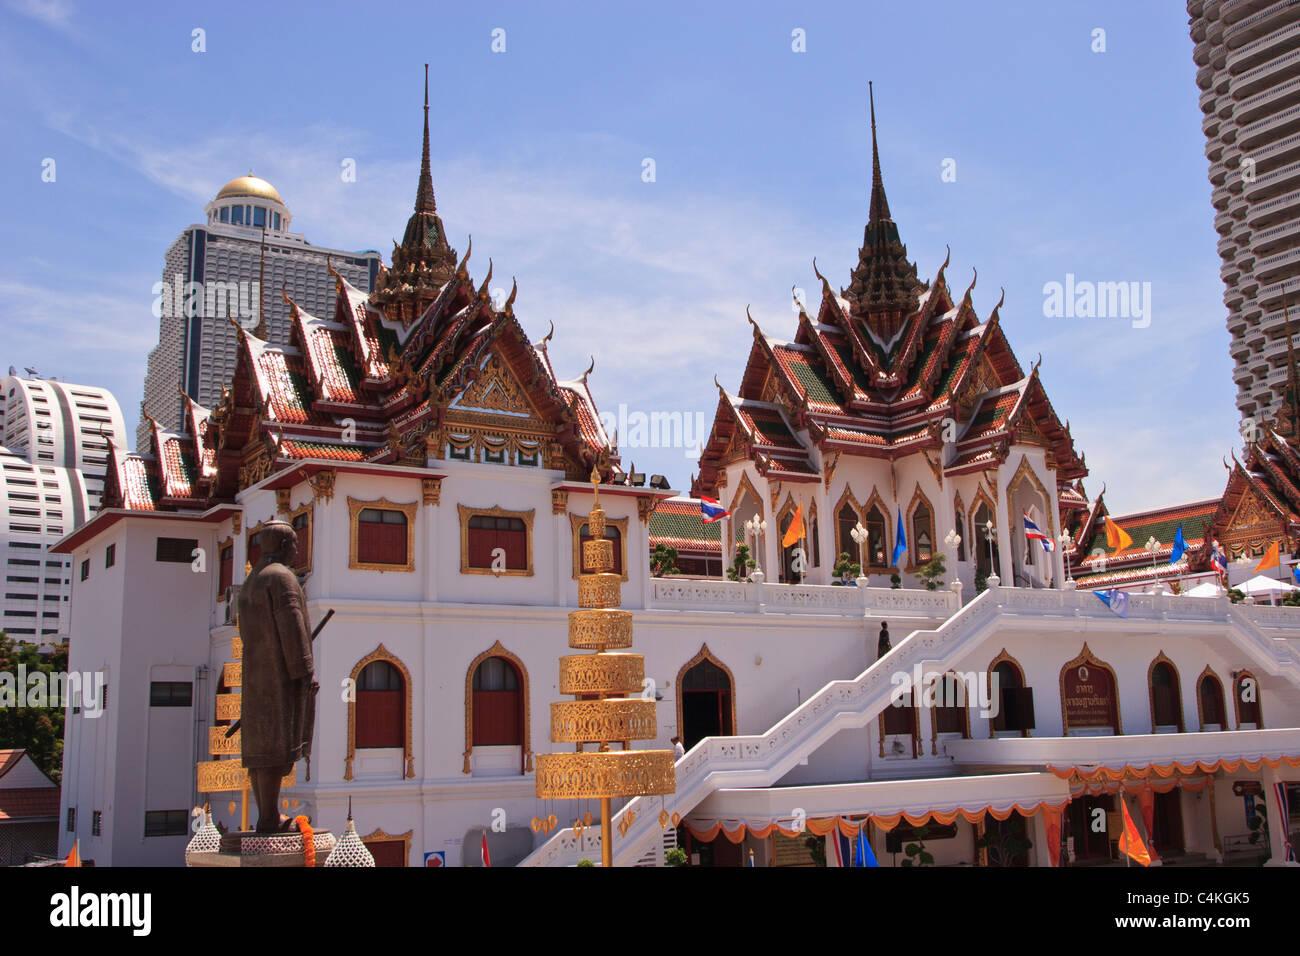 Meeting Hall At Wat Yannawa With Its Ornate Rooftops Bangkok Thailand